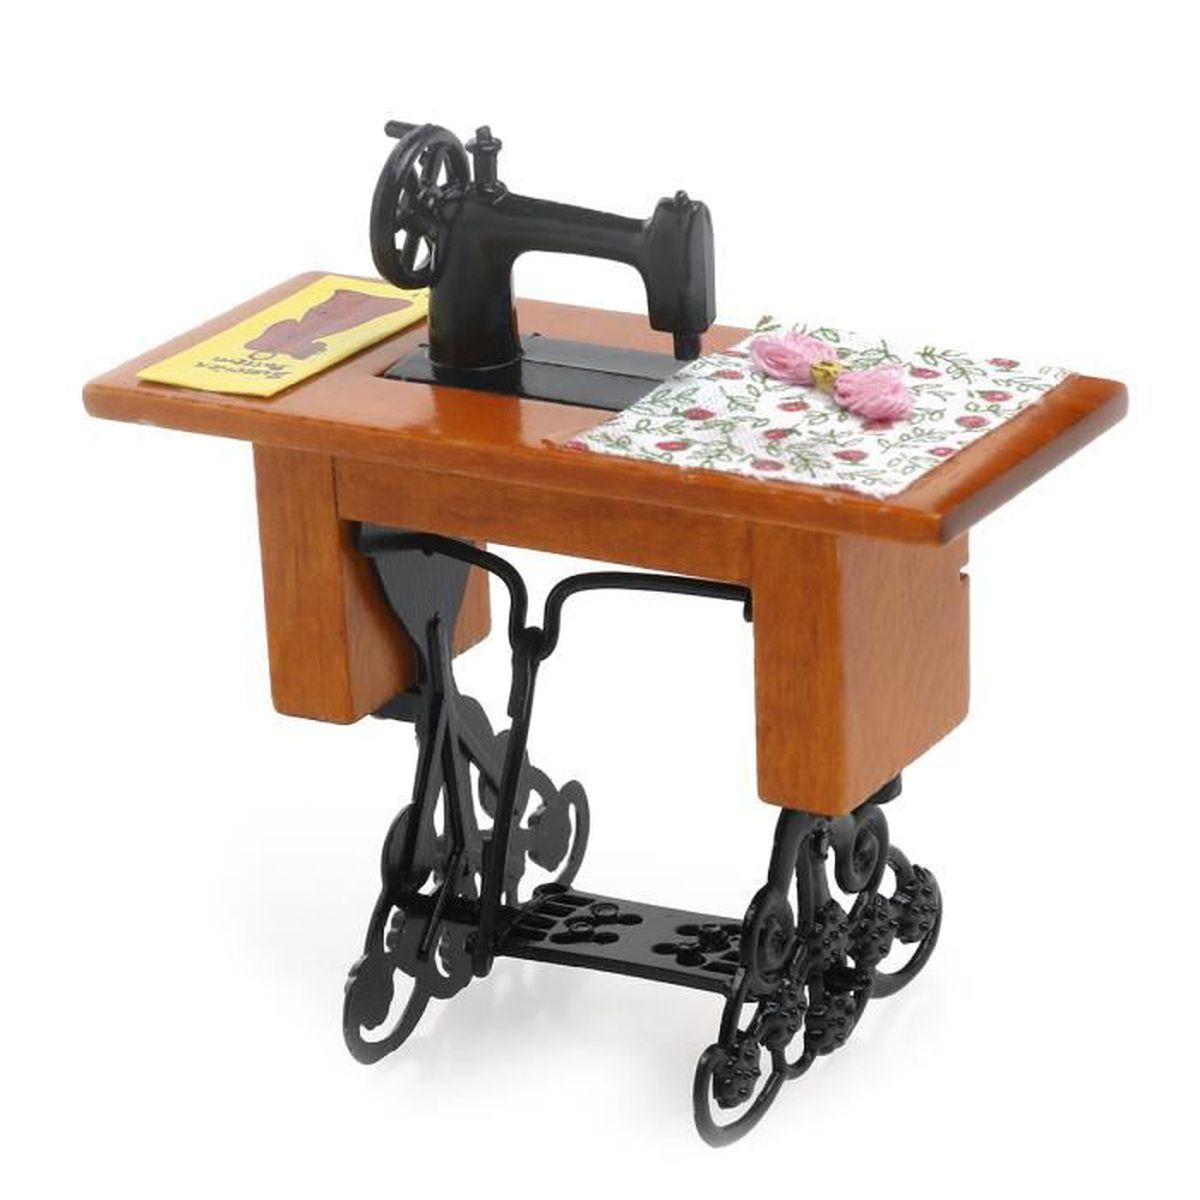 Table A Machine A Coudre machine à coudre 1:12 décoration de modèle de simulation avec des ciseaux  en tissu